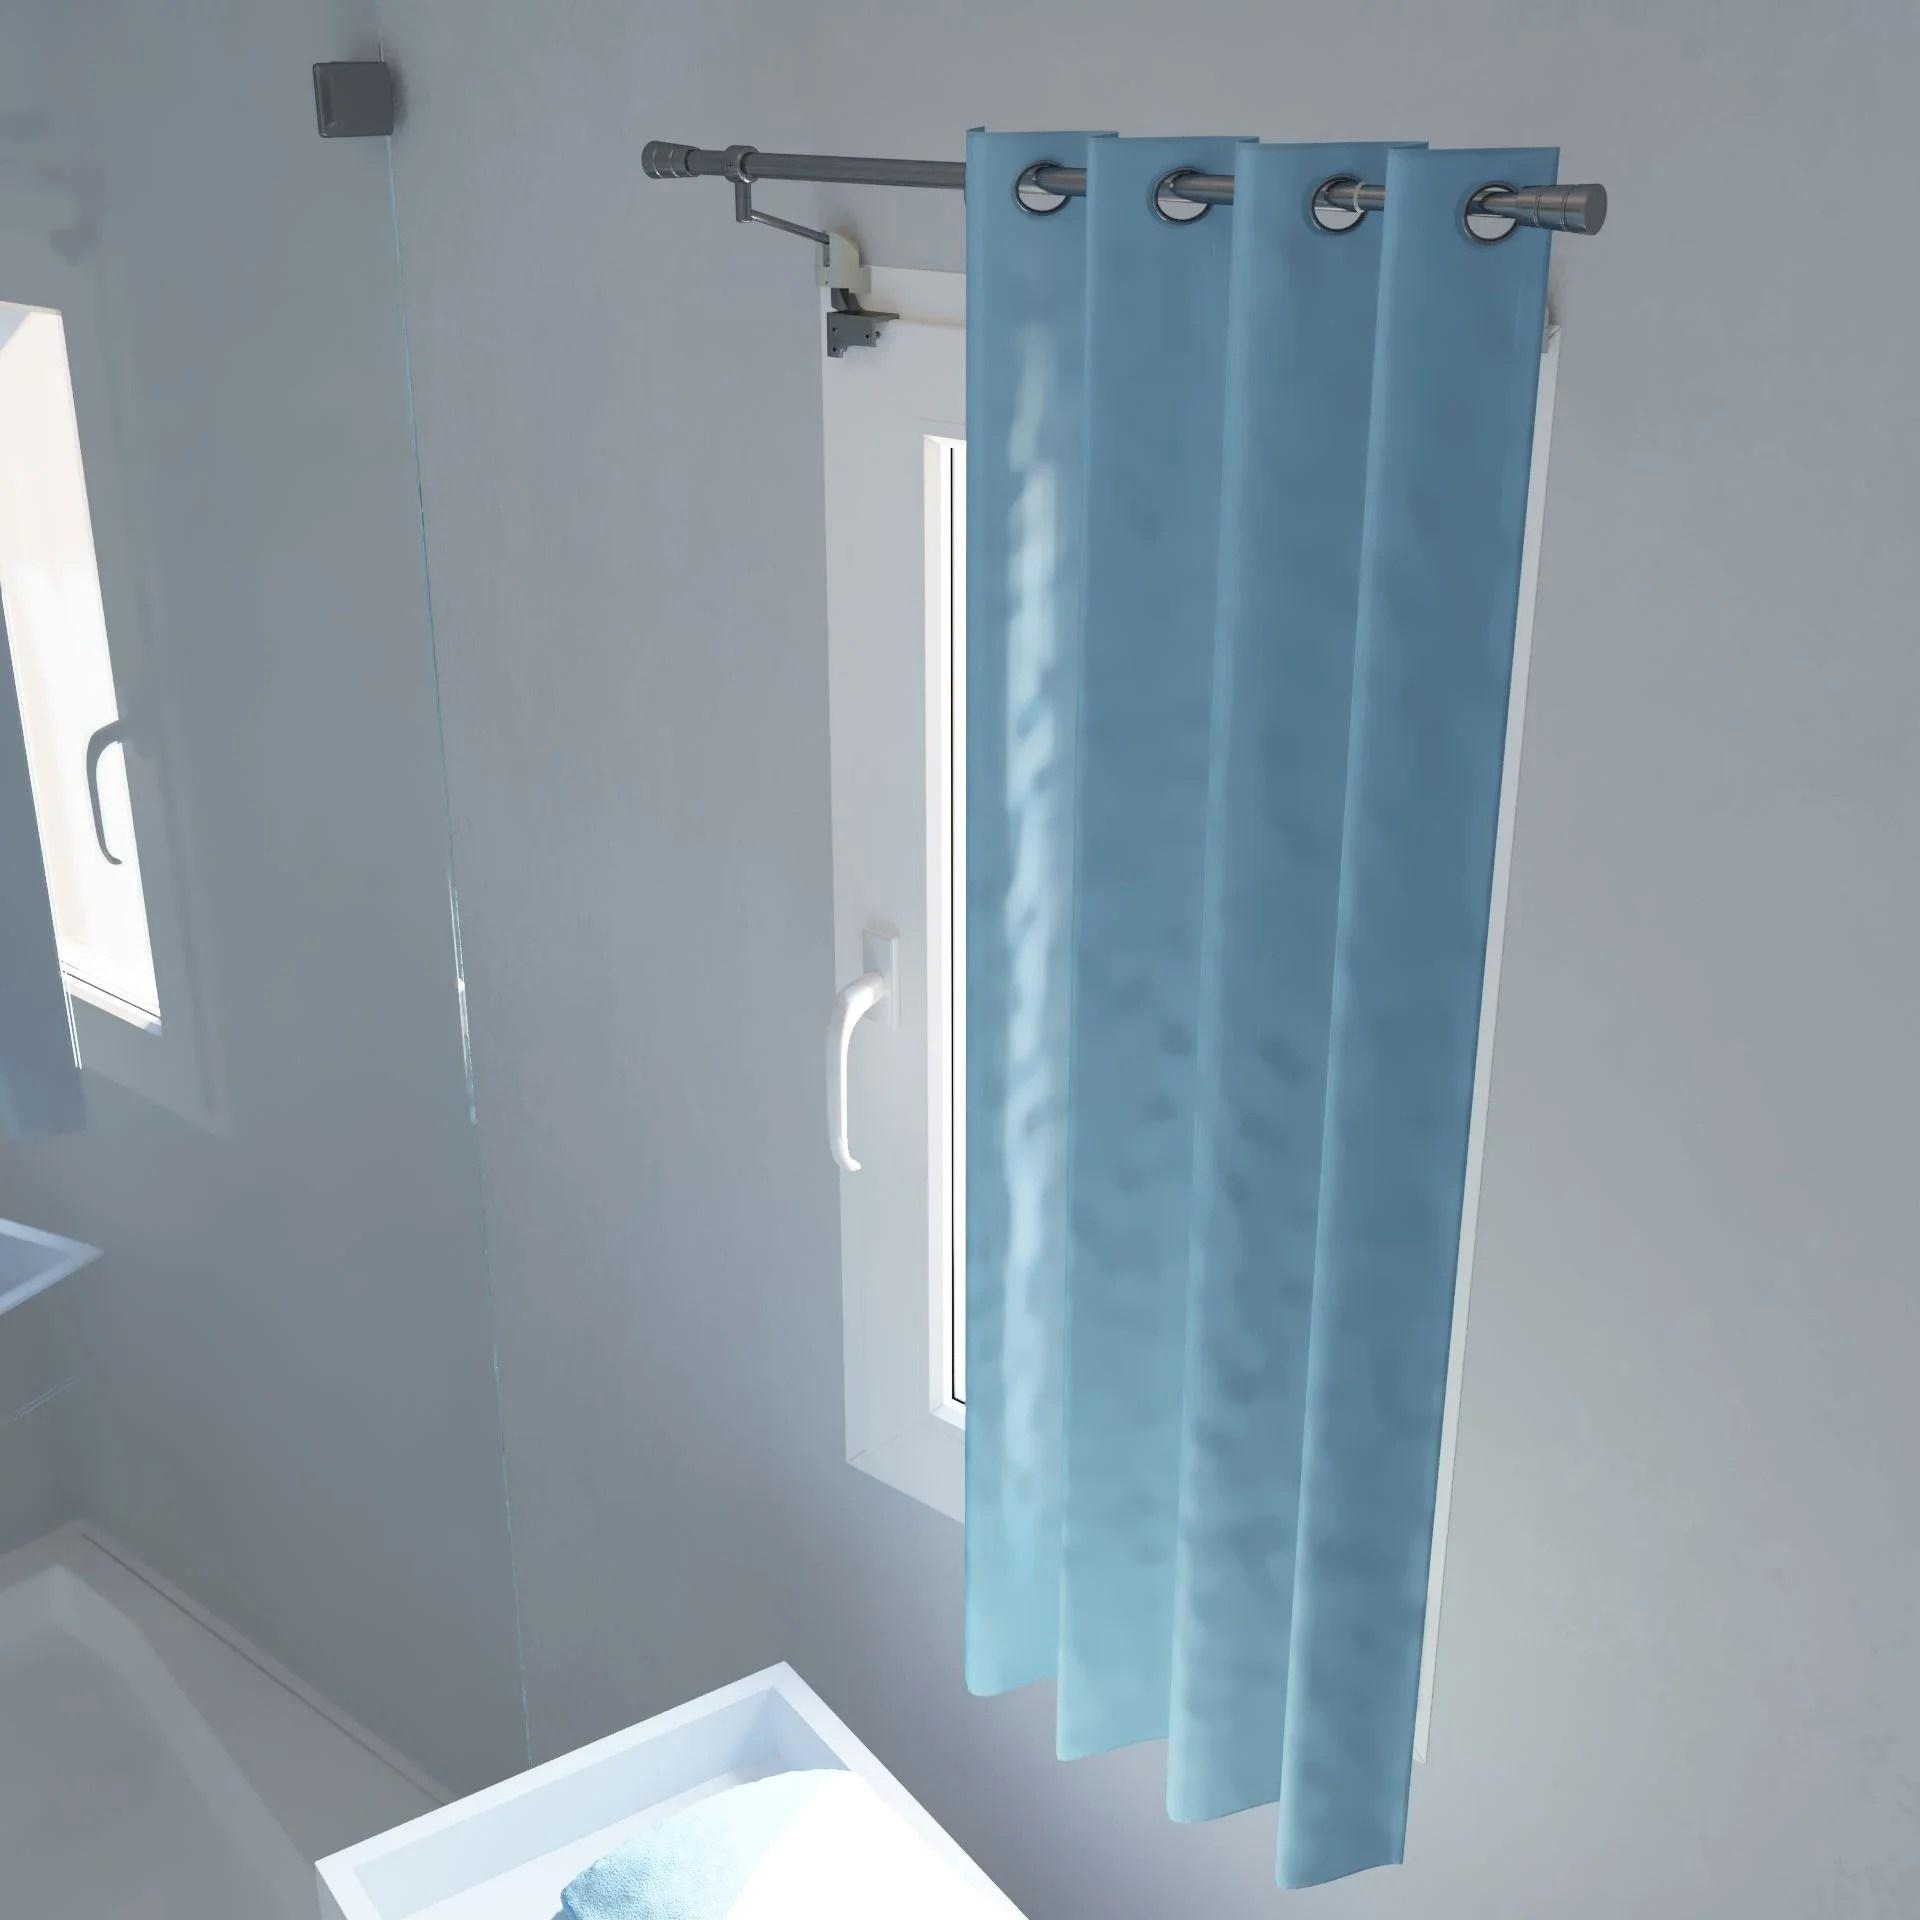 kit de tringle a rideau ext sans percage pour fenetre d20 mm acier satin 50 90cm